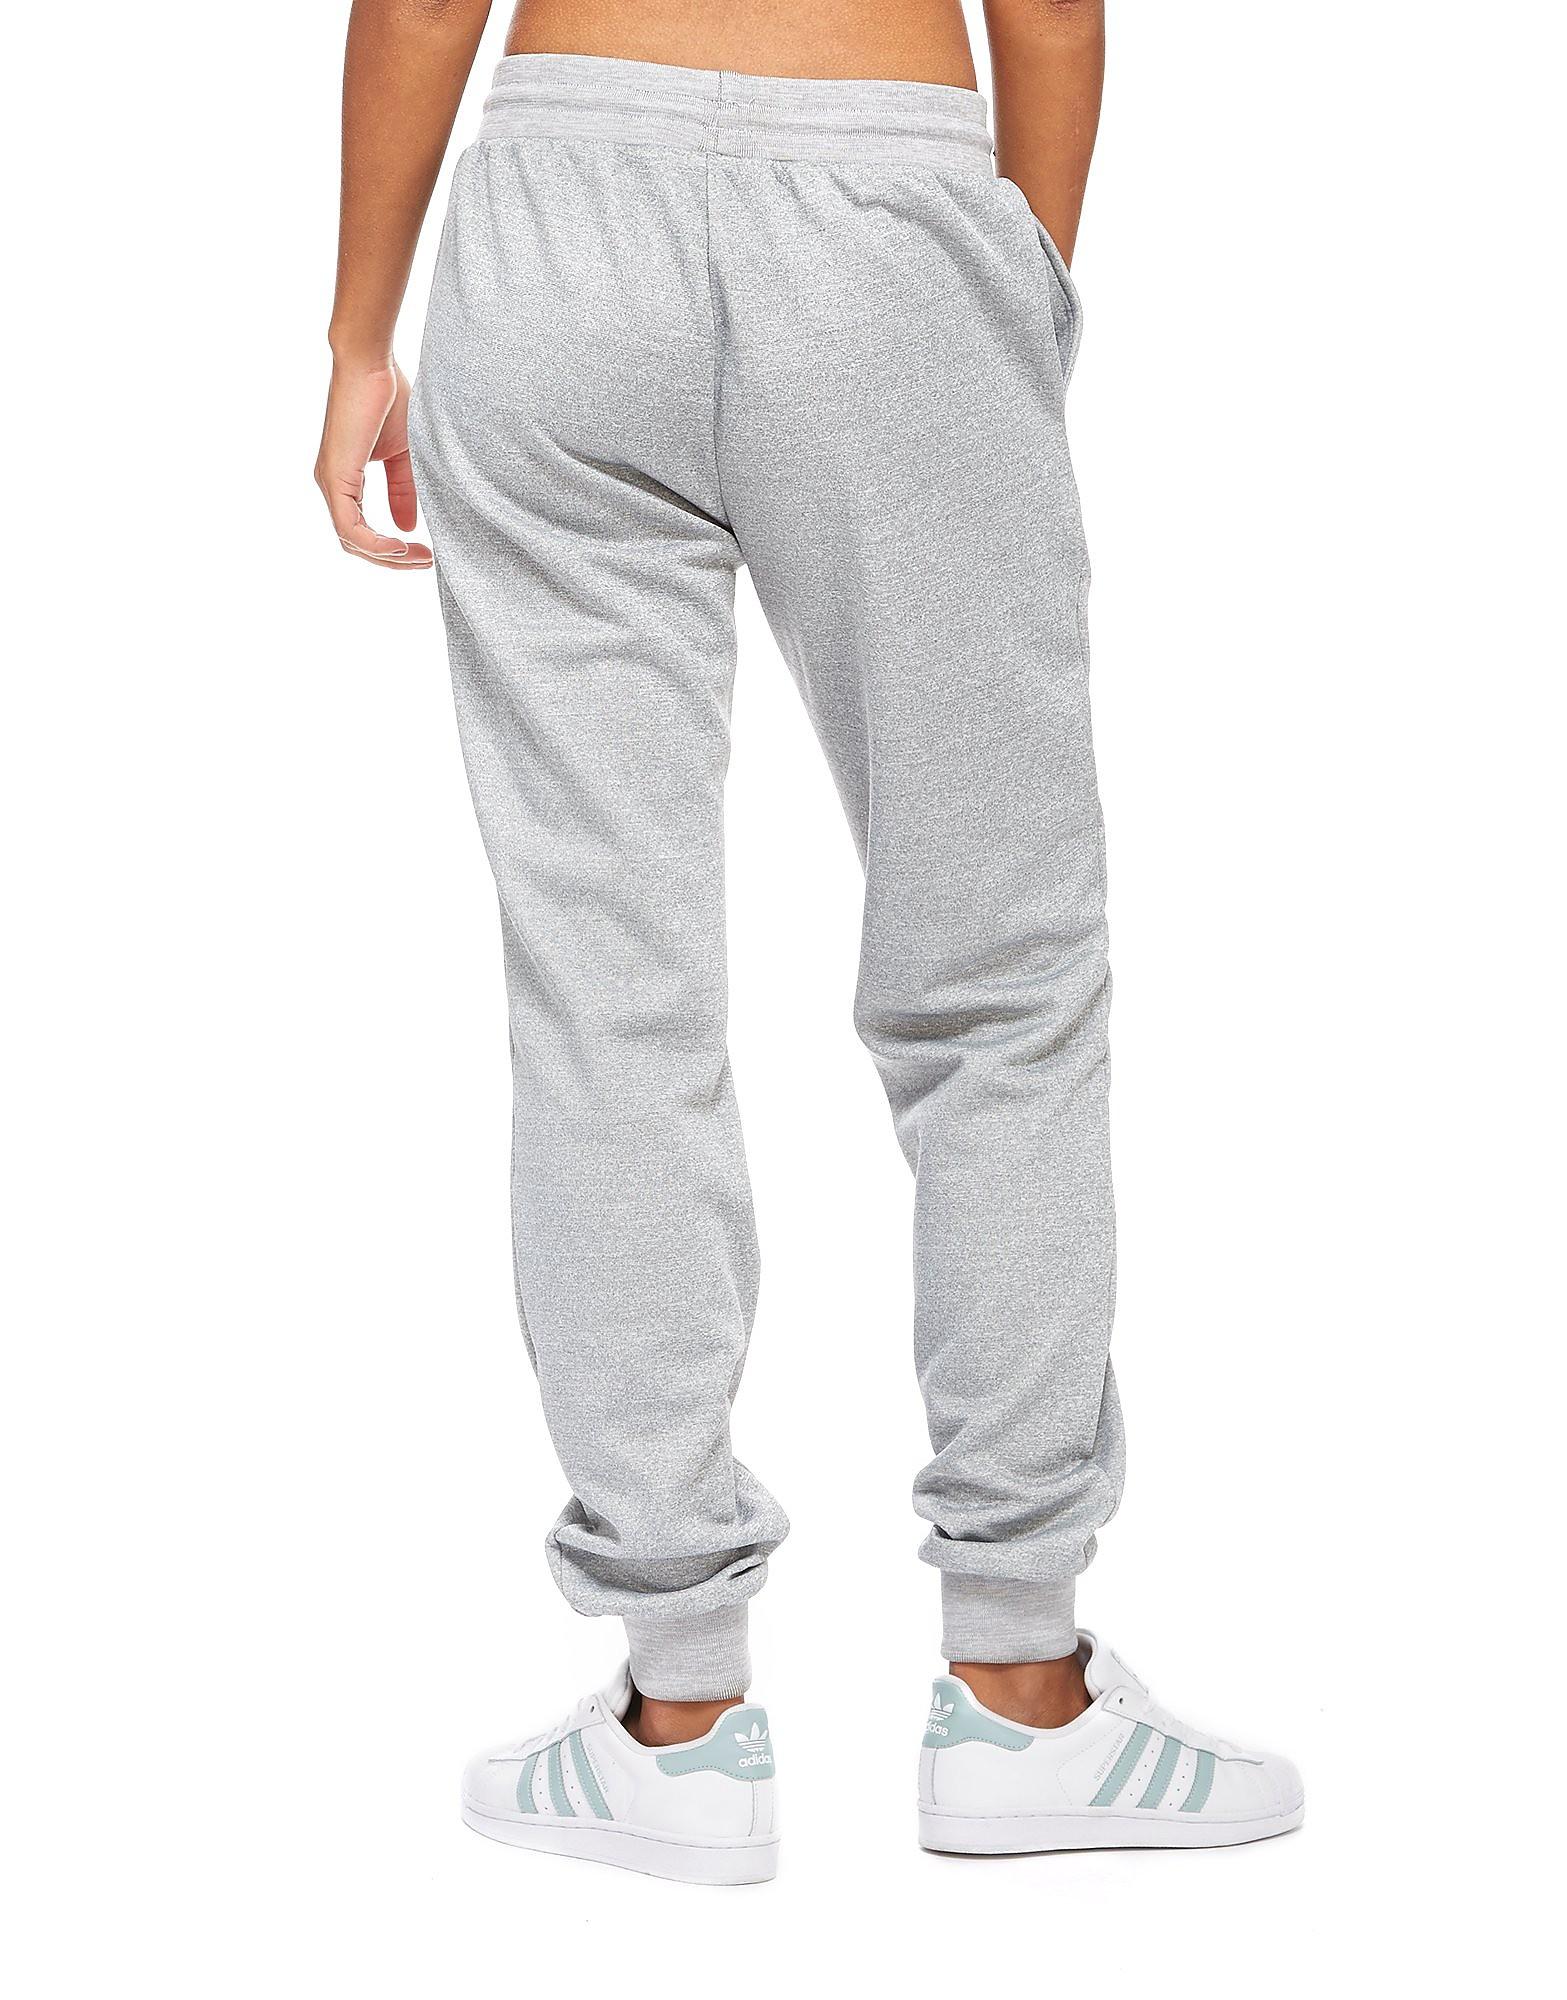 Ellesse Jema Track Pants